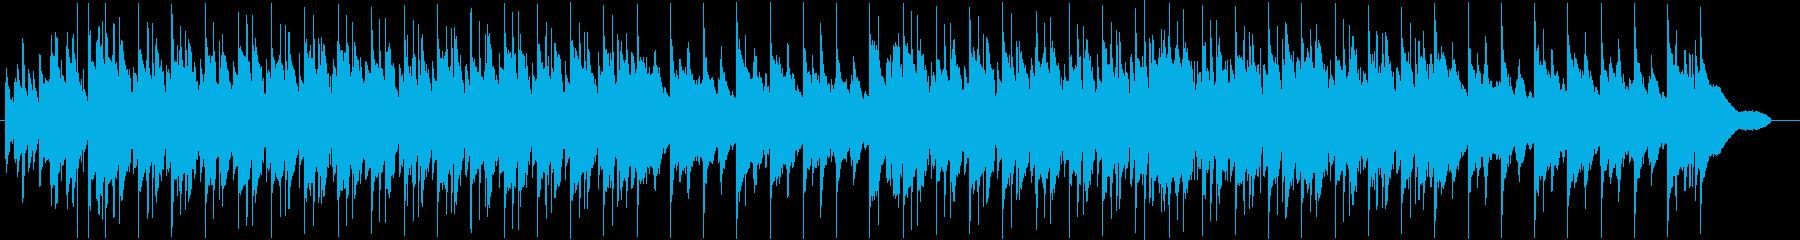 休日やほのぼのした日常をイメージした曲の再生済みの波形